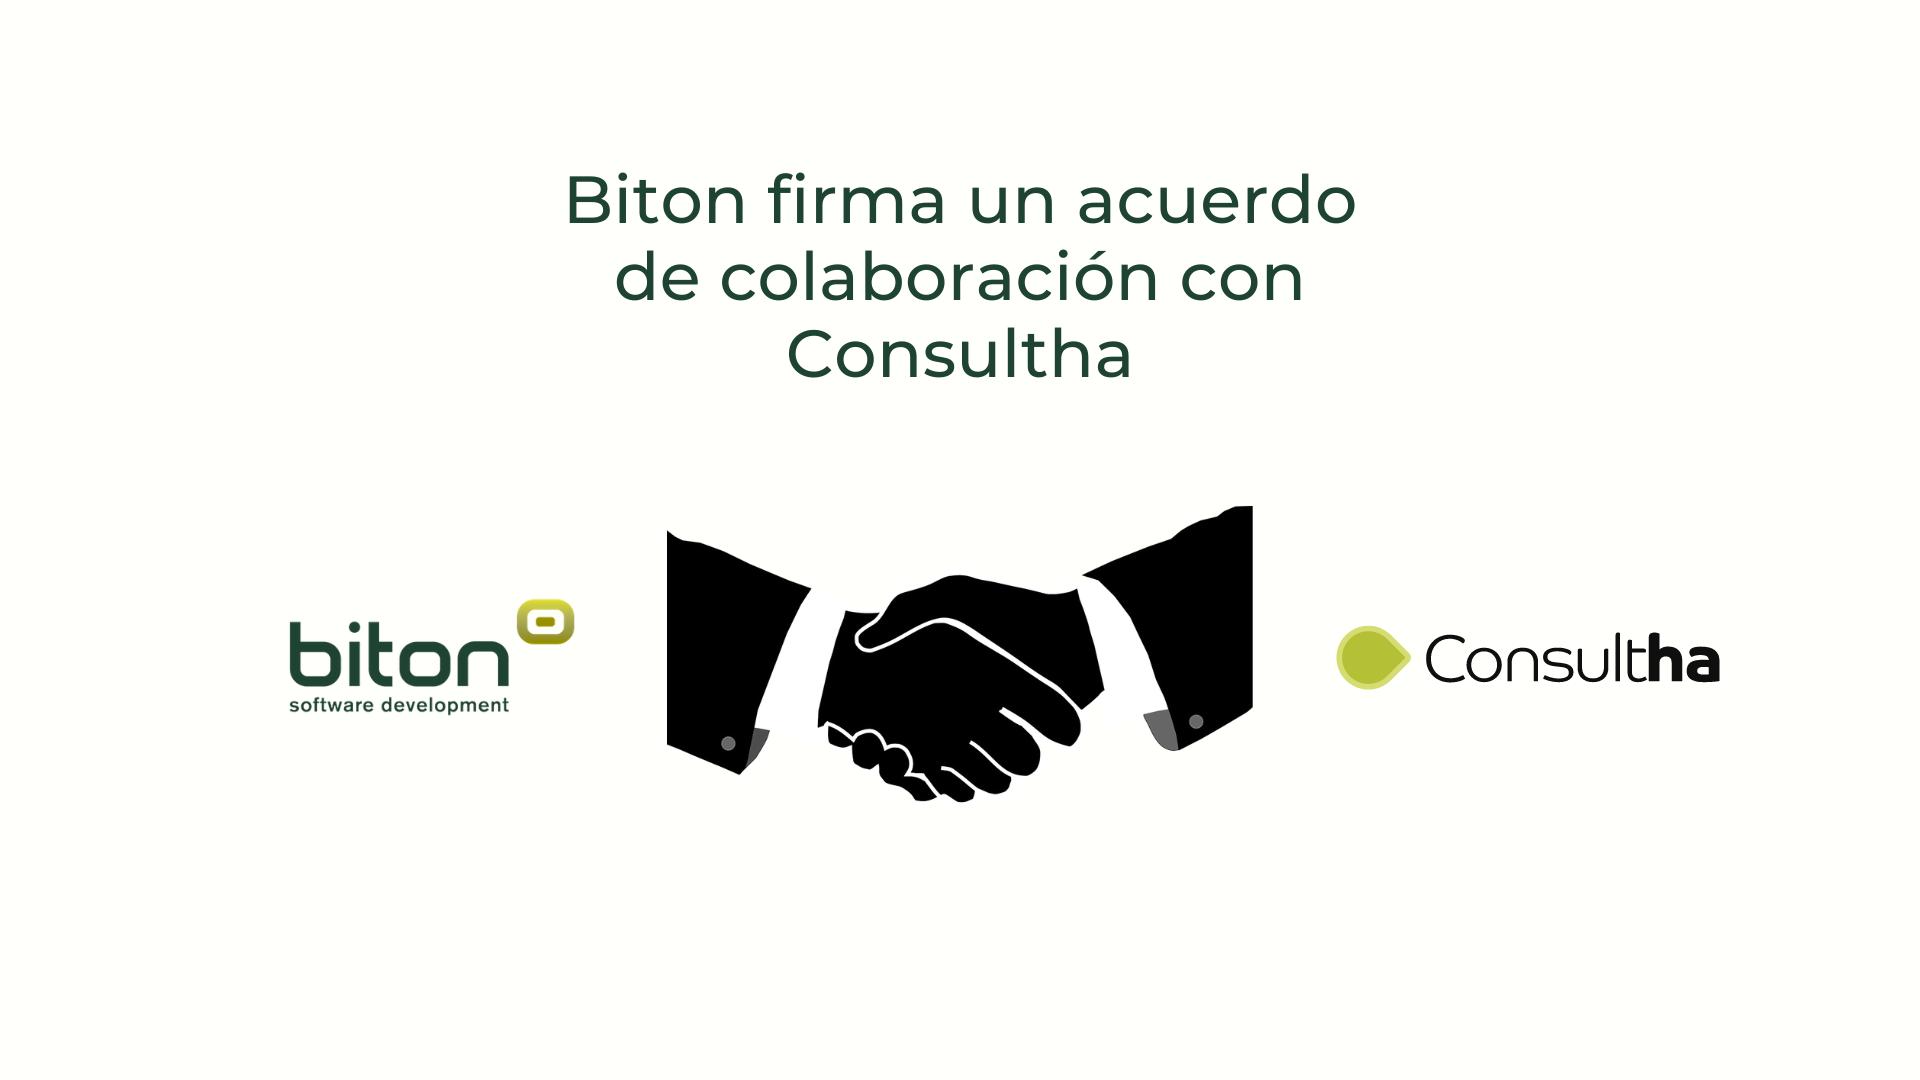 Biton firma un acuerdo de colaboración con Consultha